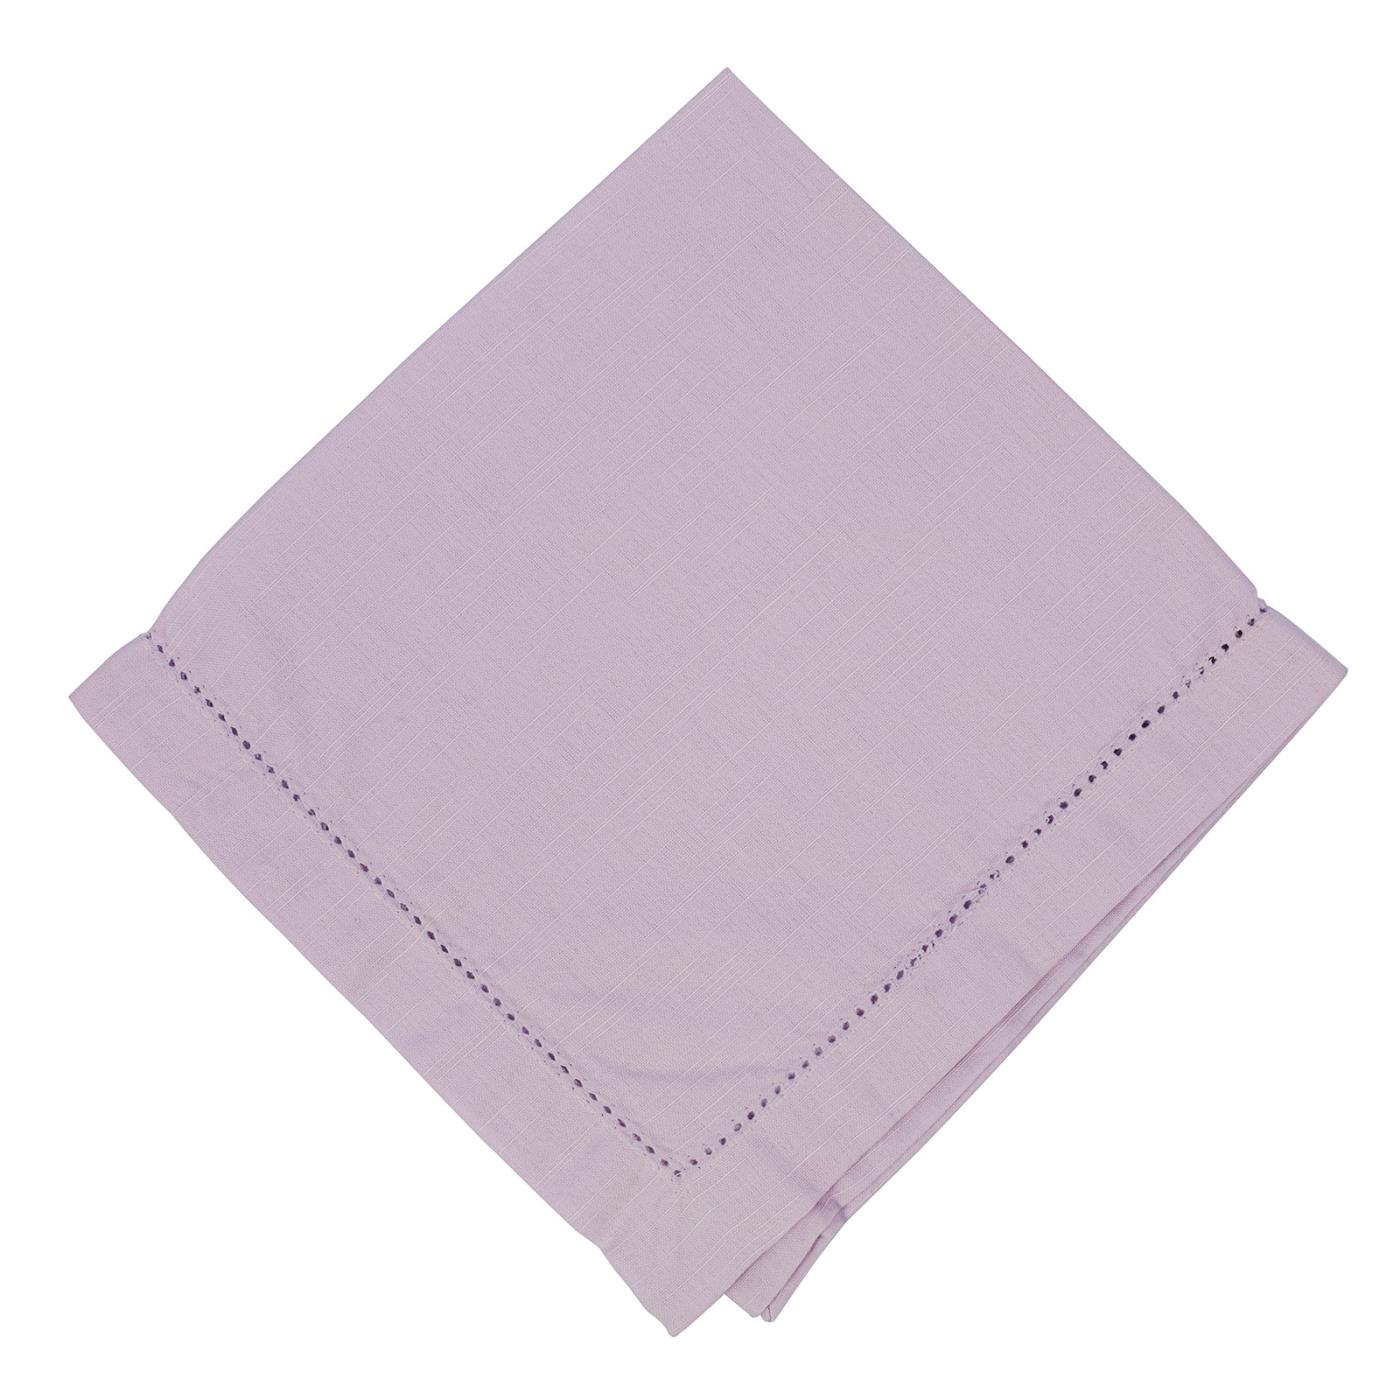 Lavender - Linen - Hemstitched